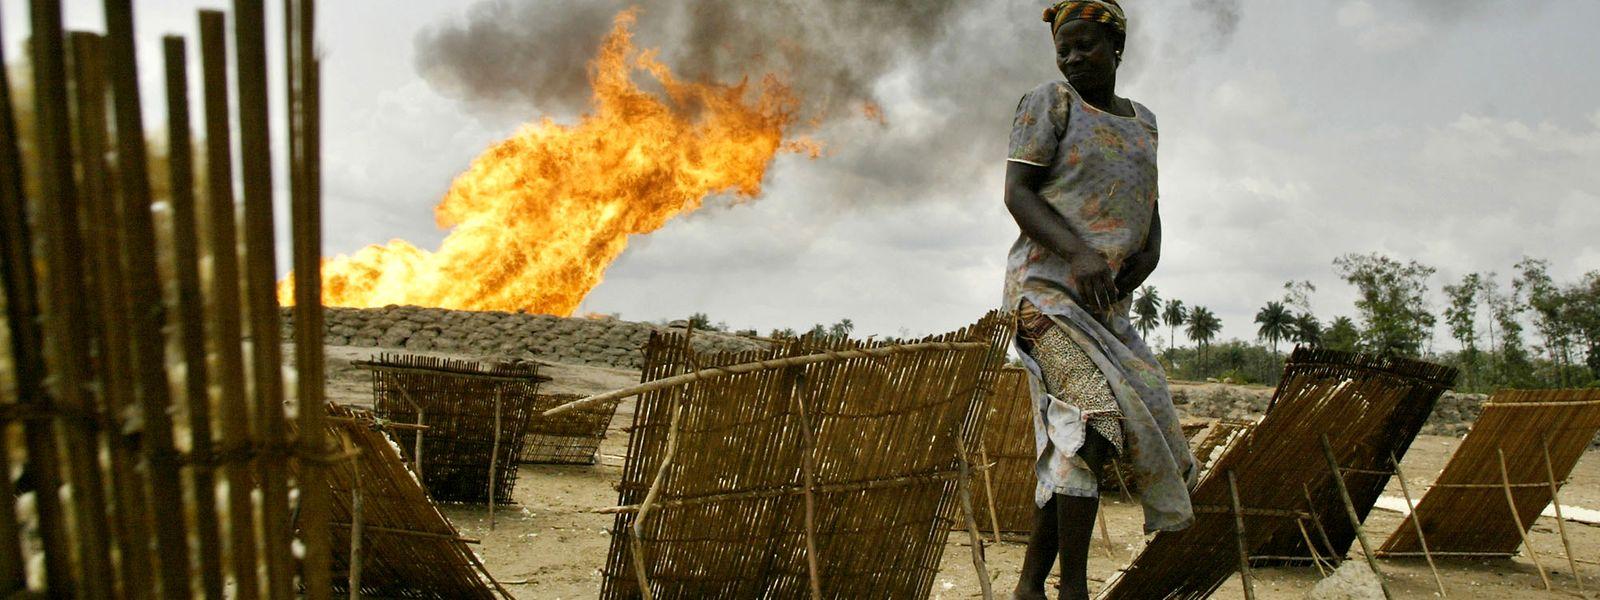 Gasfackel in der Nähe der Utorogu-Flussstation der Shell-Ölgesellschaft in Warri, Nigeria: Erdöl ist seit den 1970er Jahren das wichtigste Exportgut des Landes. Nigeria ist der elftgrößte Erdölproduzent der Welt und der größte Erdölproduzent Afrikas.